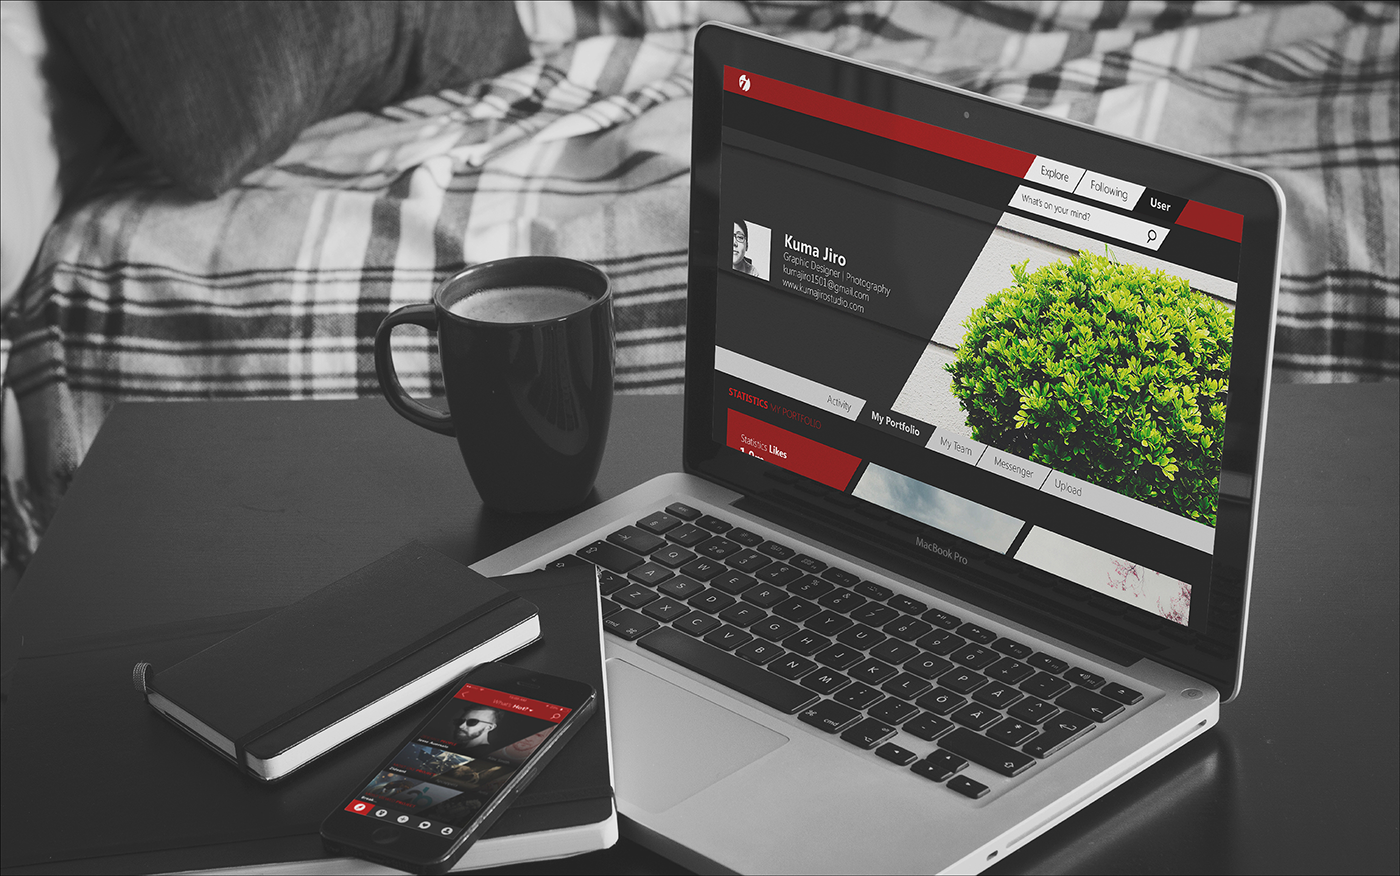 Design Studi- Online, Design Studio Online, DS-O, DSO, dsovn, design studio, studio online, design, studio, dịch vụ thiết kế đồ họa chuyên nghiệp, dịch vụ graphic design, dịch vụ design, dịch vụ tư vấn định hướng hình ảnh chuyên nghiệp, dịch vụ thiết kế web, dịch vụ thiết kế website, dịch vụ thiết kế website công ty, dịch vụ thiết kế website bán hàng, dịch vụ thiết kế website chuẩn responsive, dịch vụ thiết kế landing page, dịch vụ thiết kế microsite, dịch vụ code web, dịch vụ code website, dịch vụ cắt web, dịch vụ thiết kế UI / UX, dịch vụ thiết kế interaction, dịch vụ thiết kế icon app.